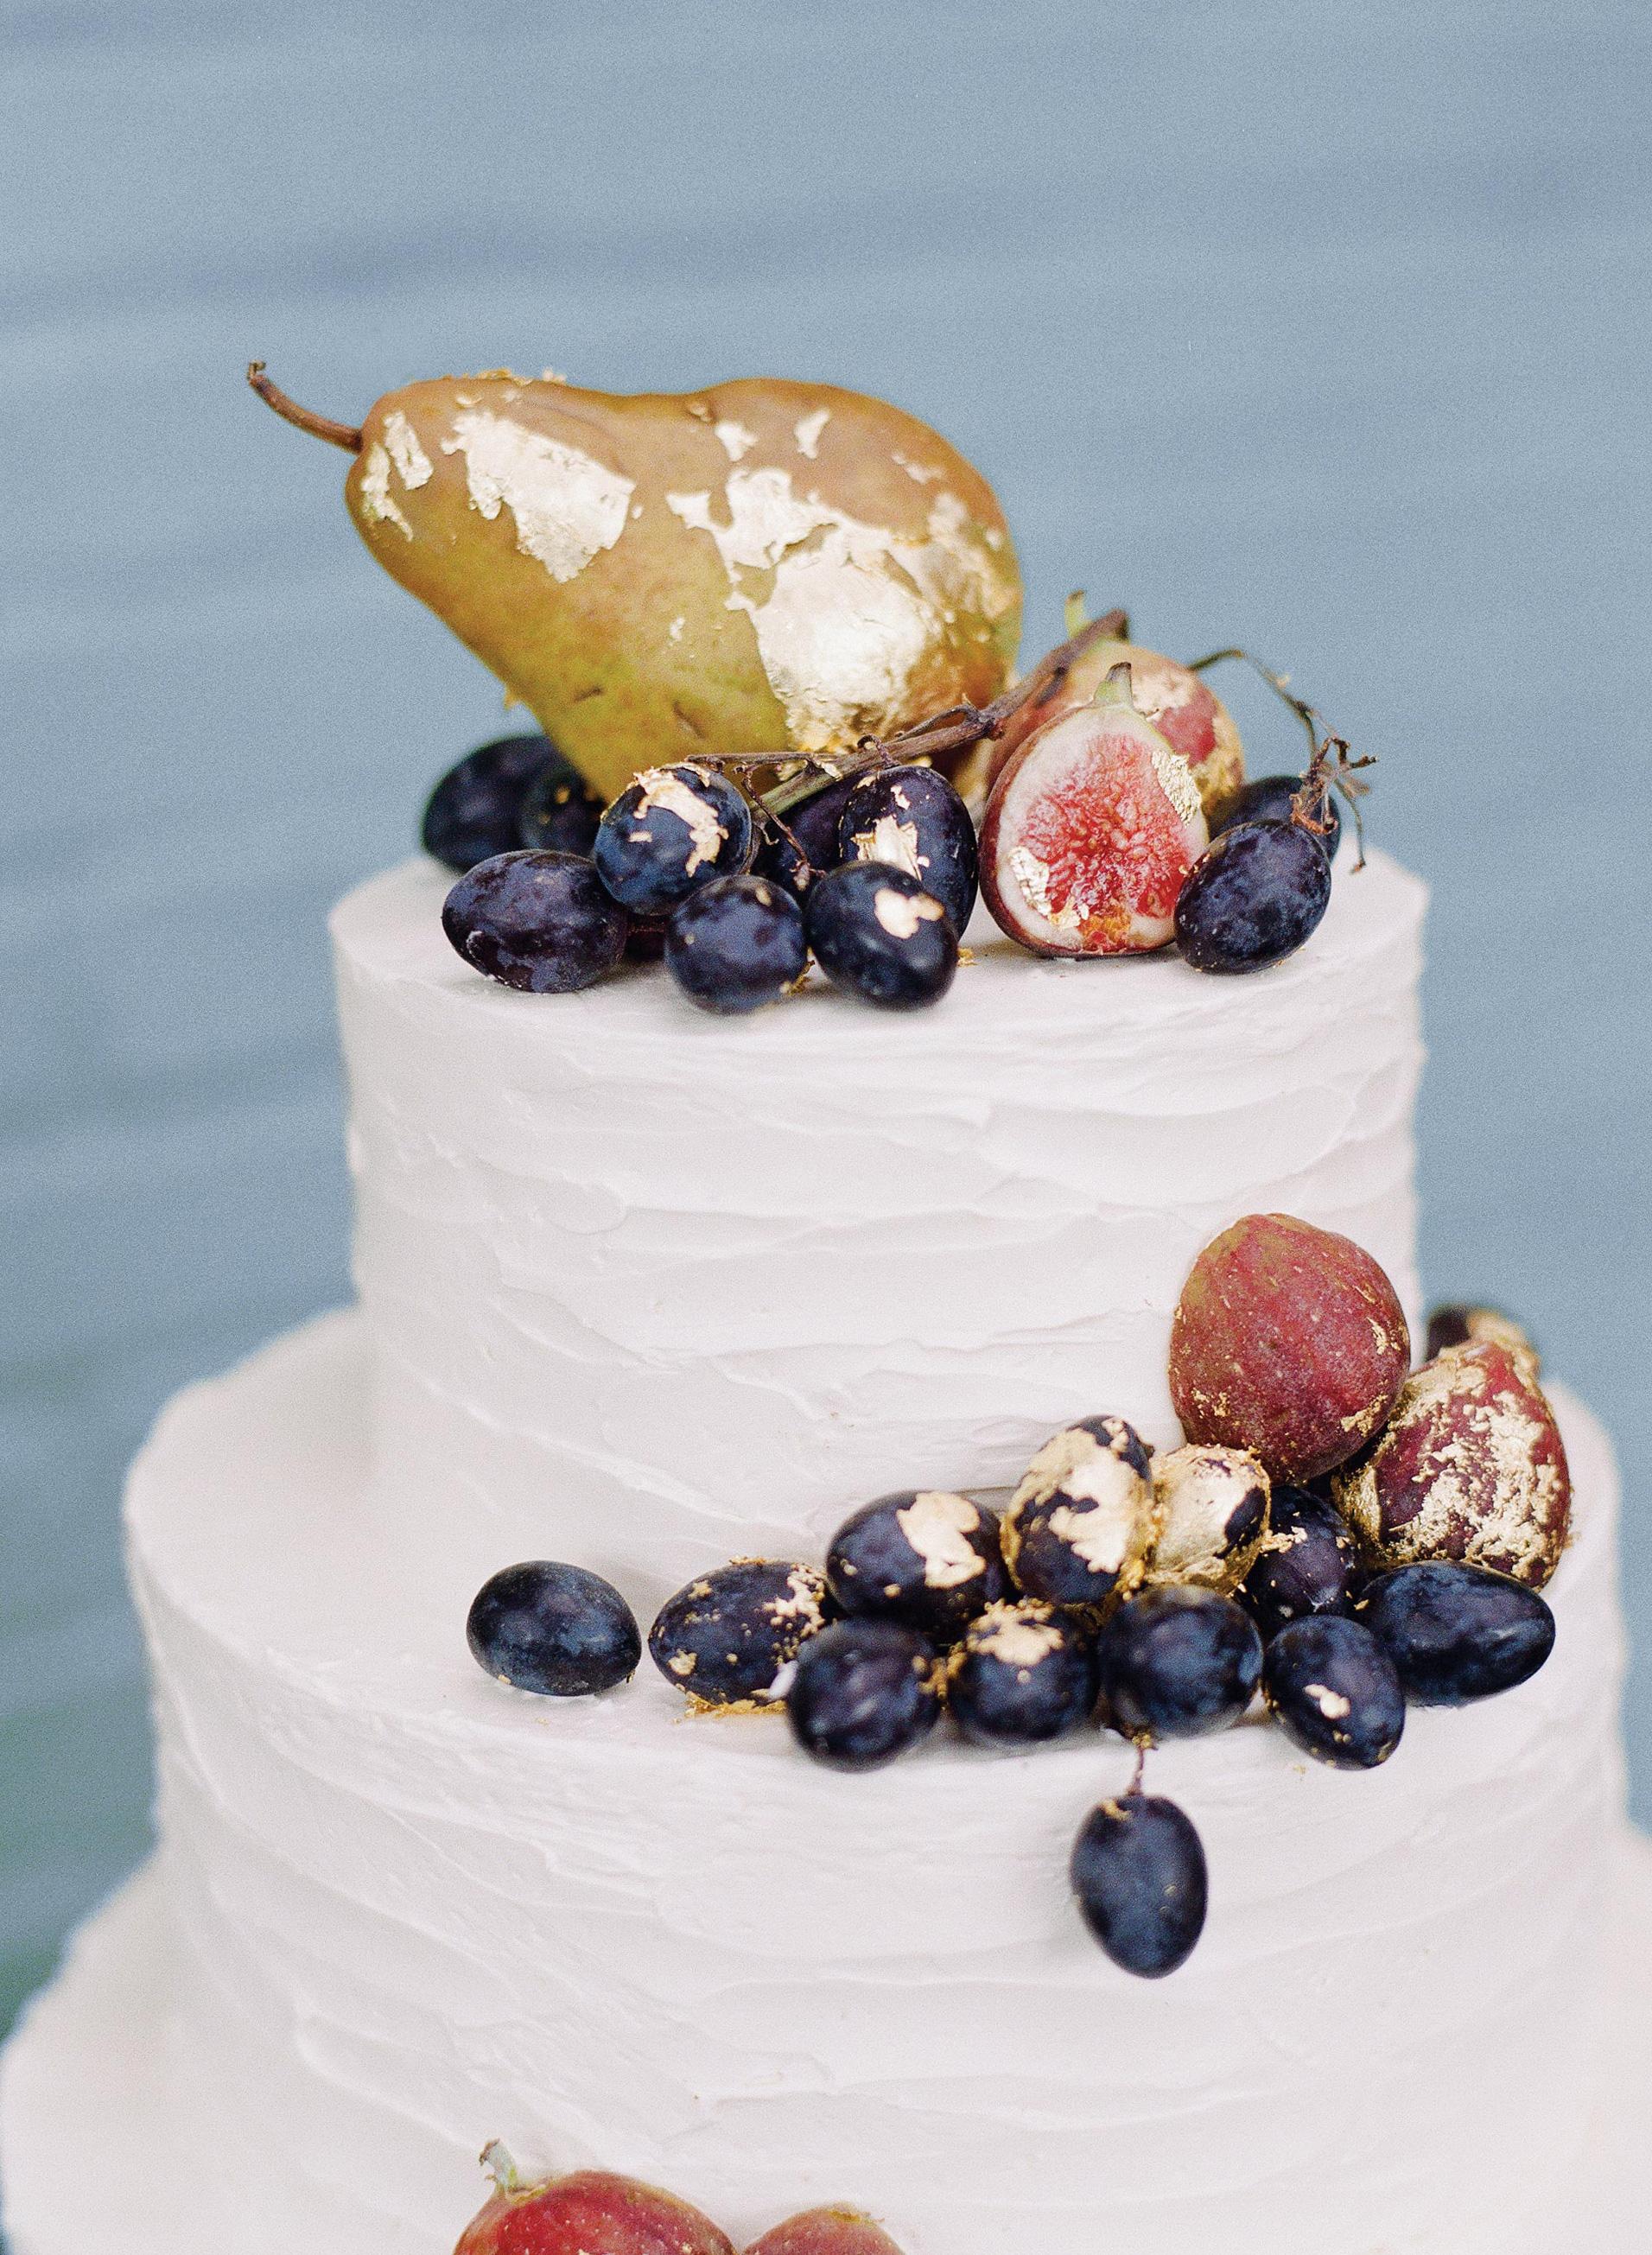 glara matthew wedding cake fruit topper